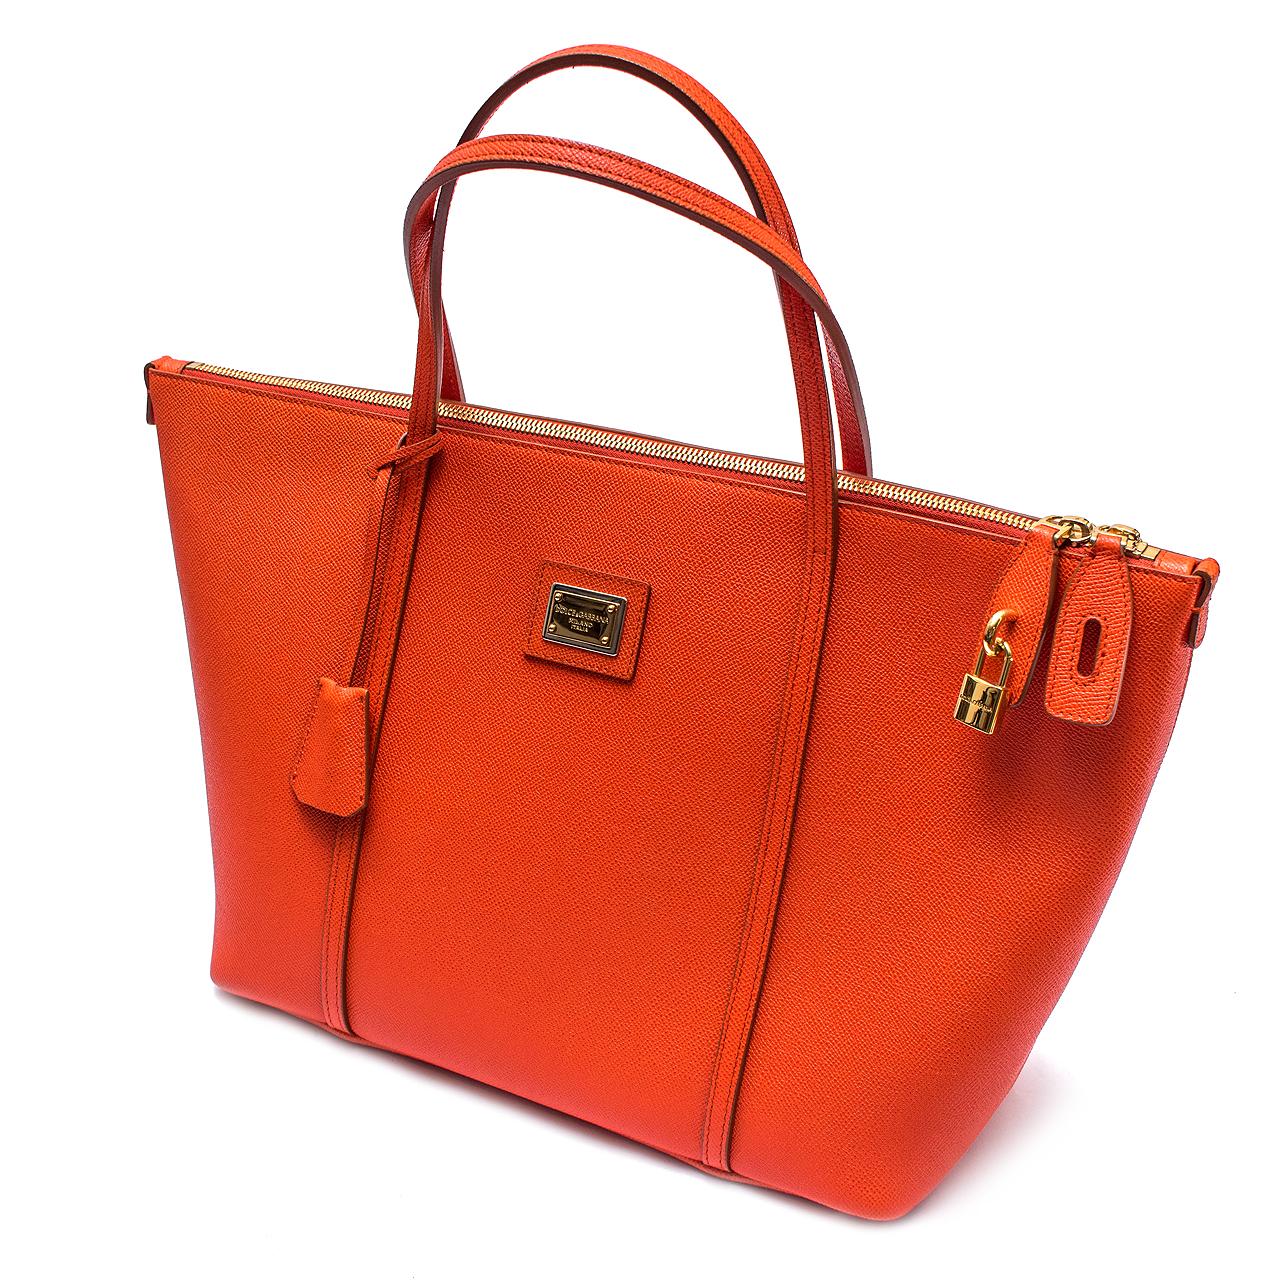 1f4e5c7c1dd Bolsa Dolce   Gabbana Laranja. Box de Grife 380